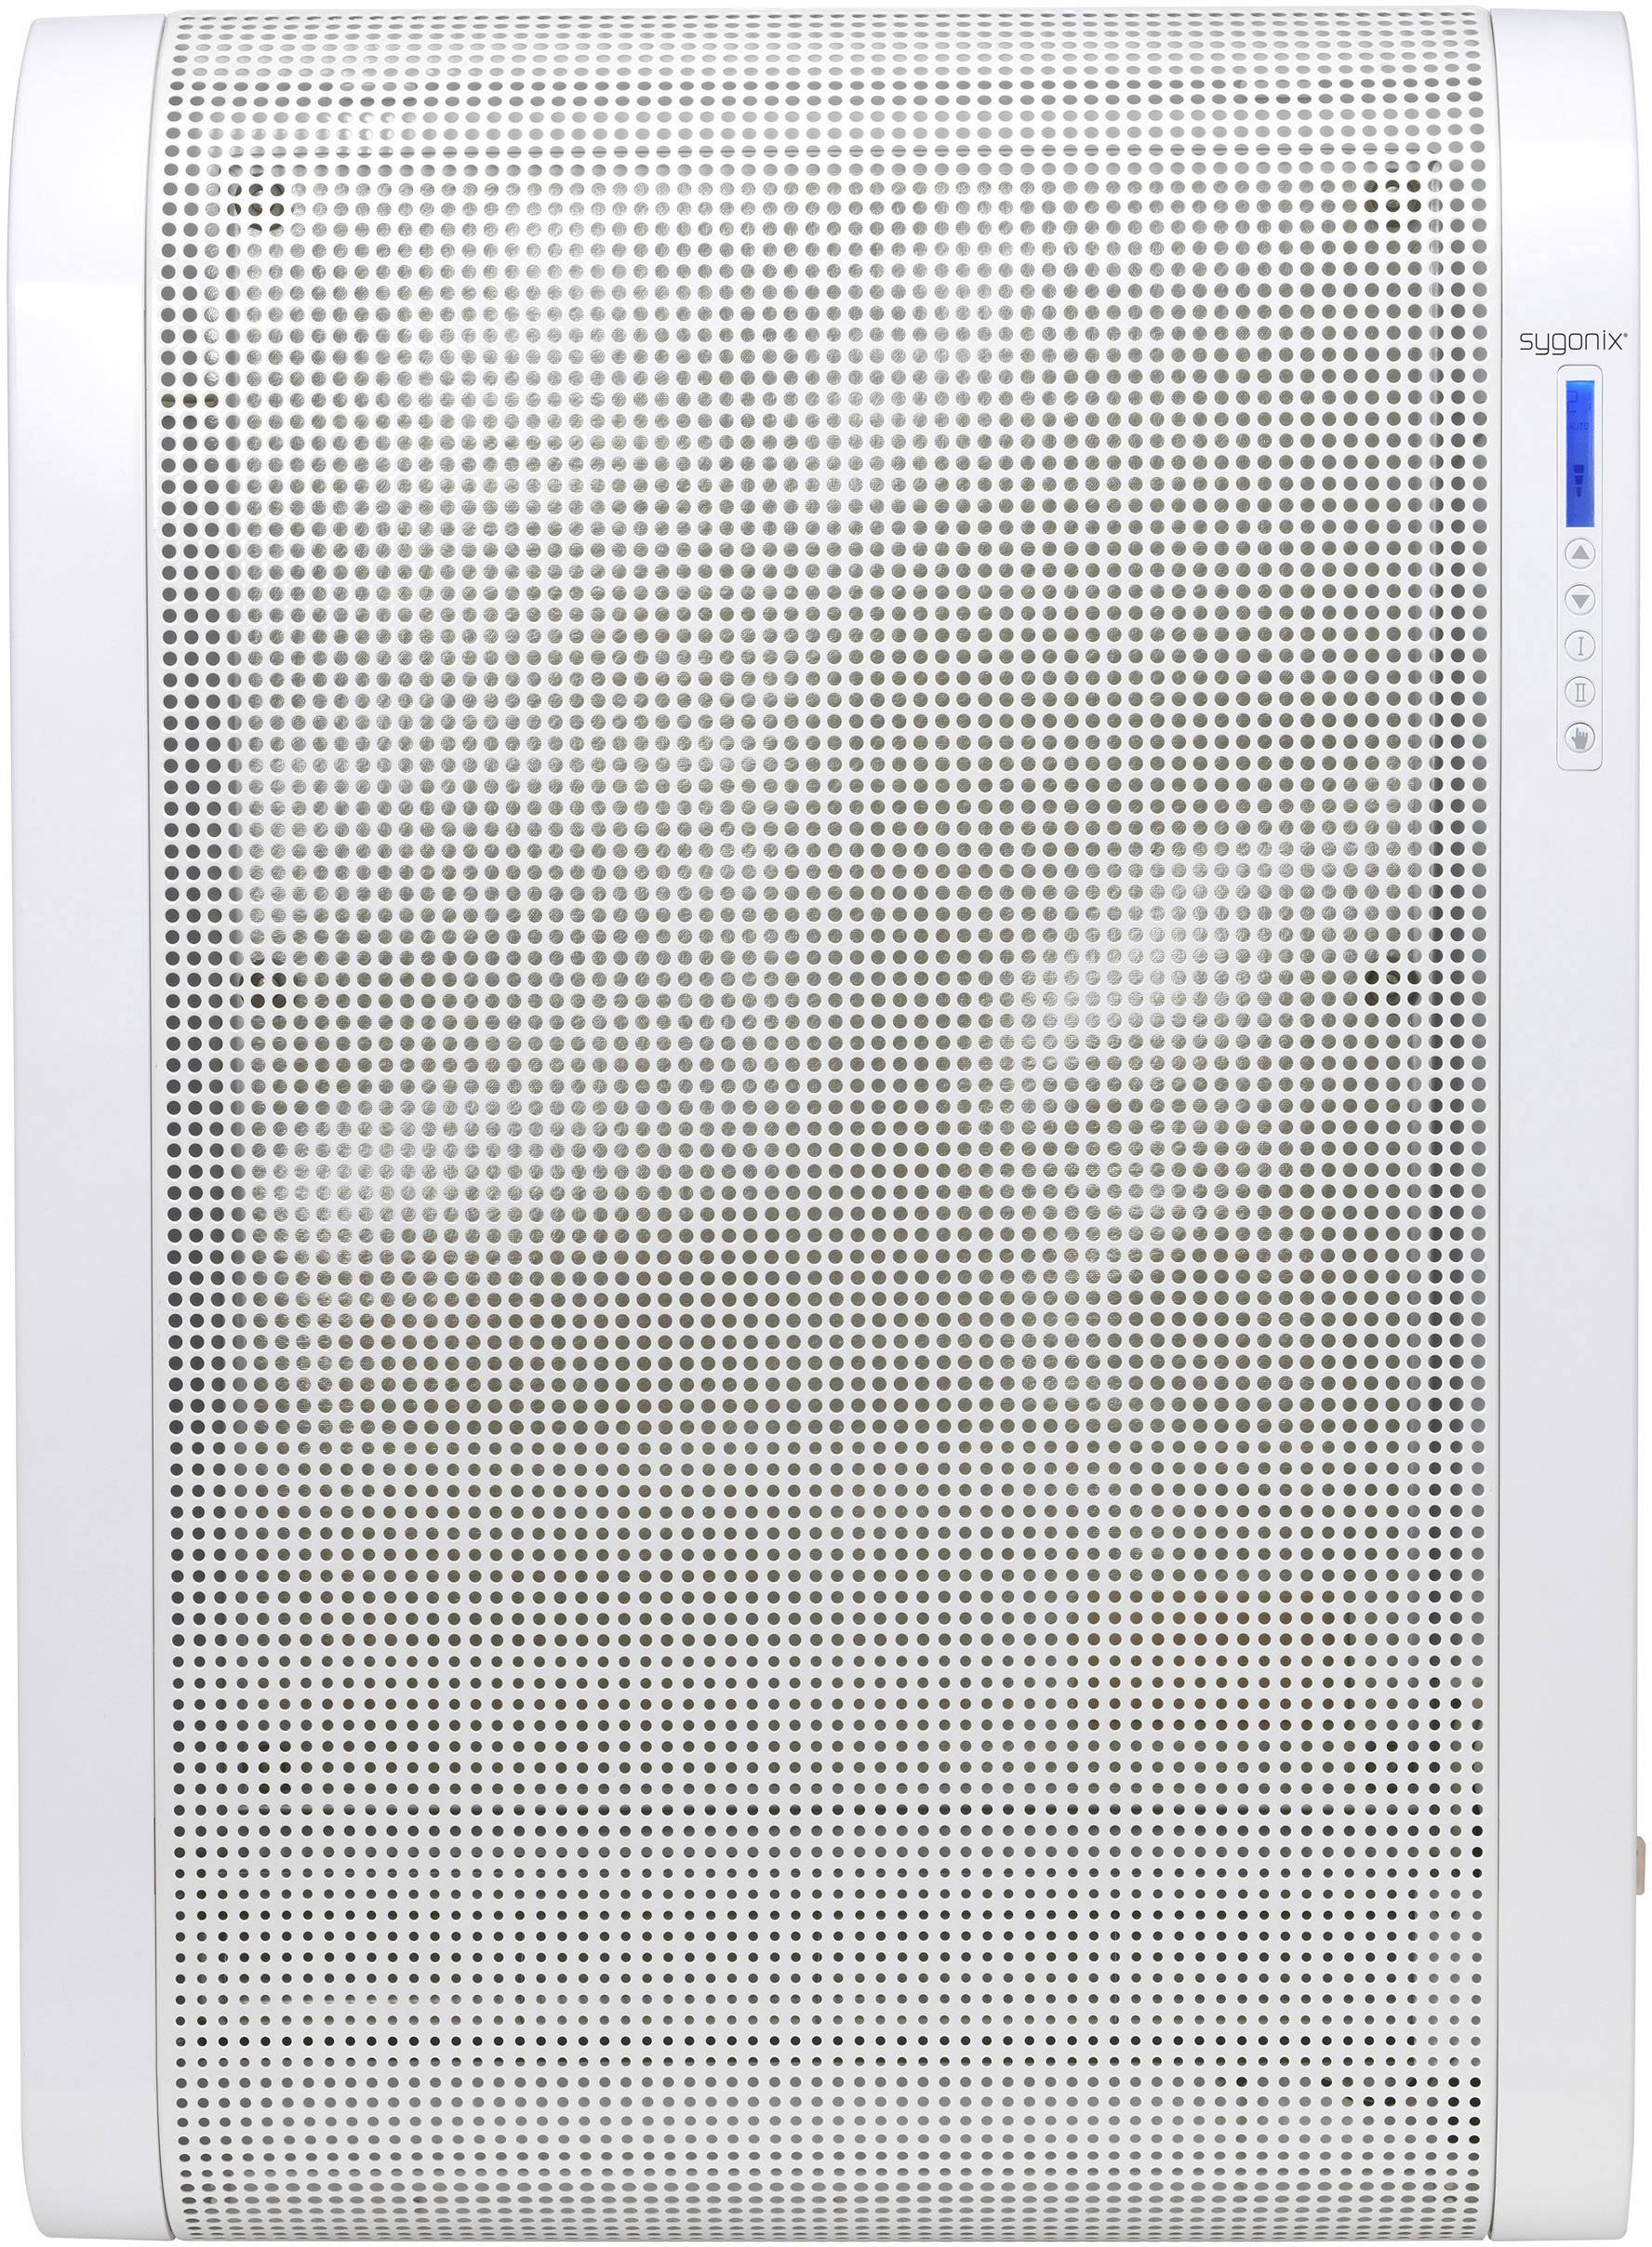 Nástenné infračervené kúrenie Sygonix FV1120, 20 m², 2000 W, biela